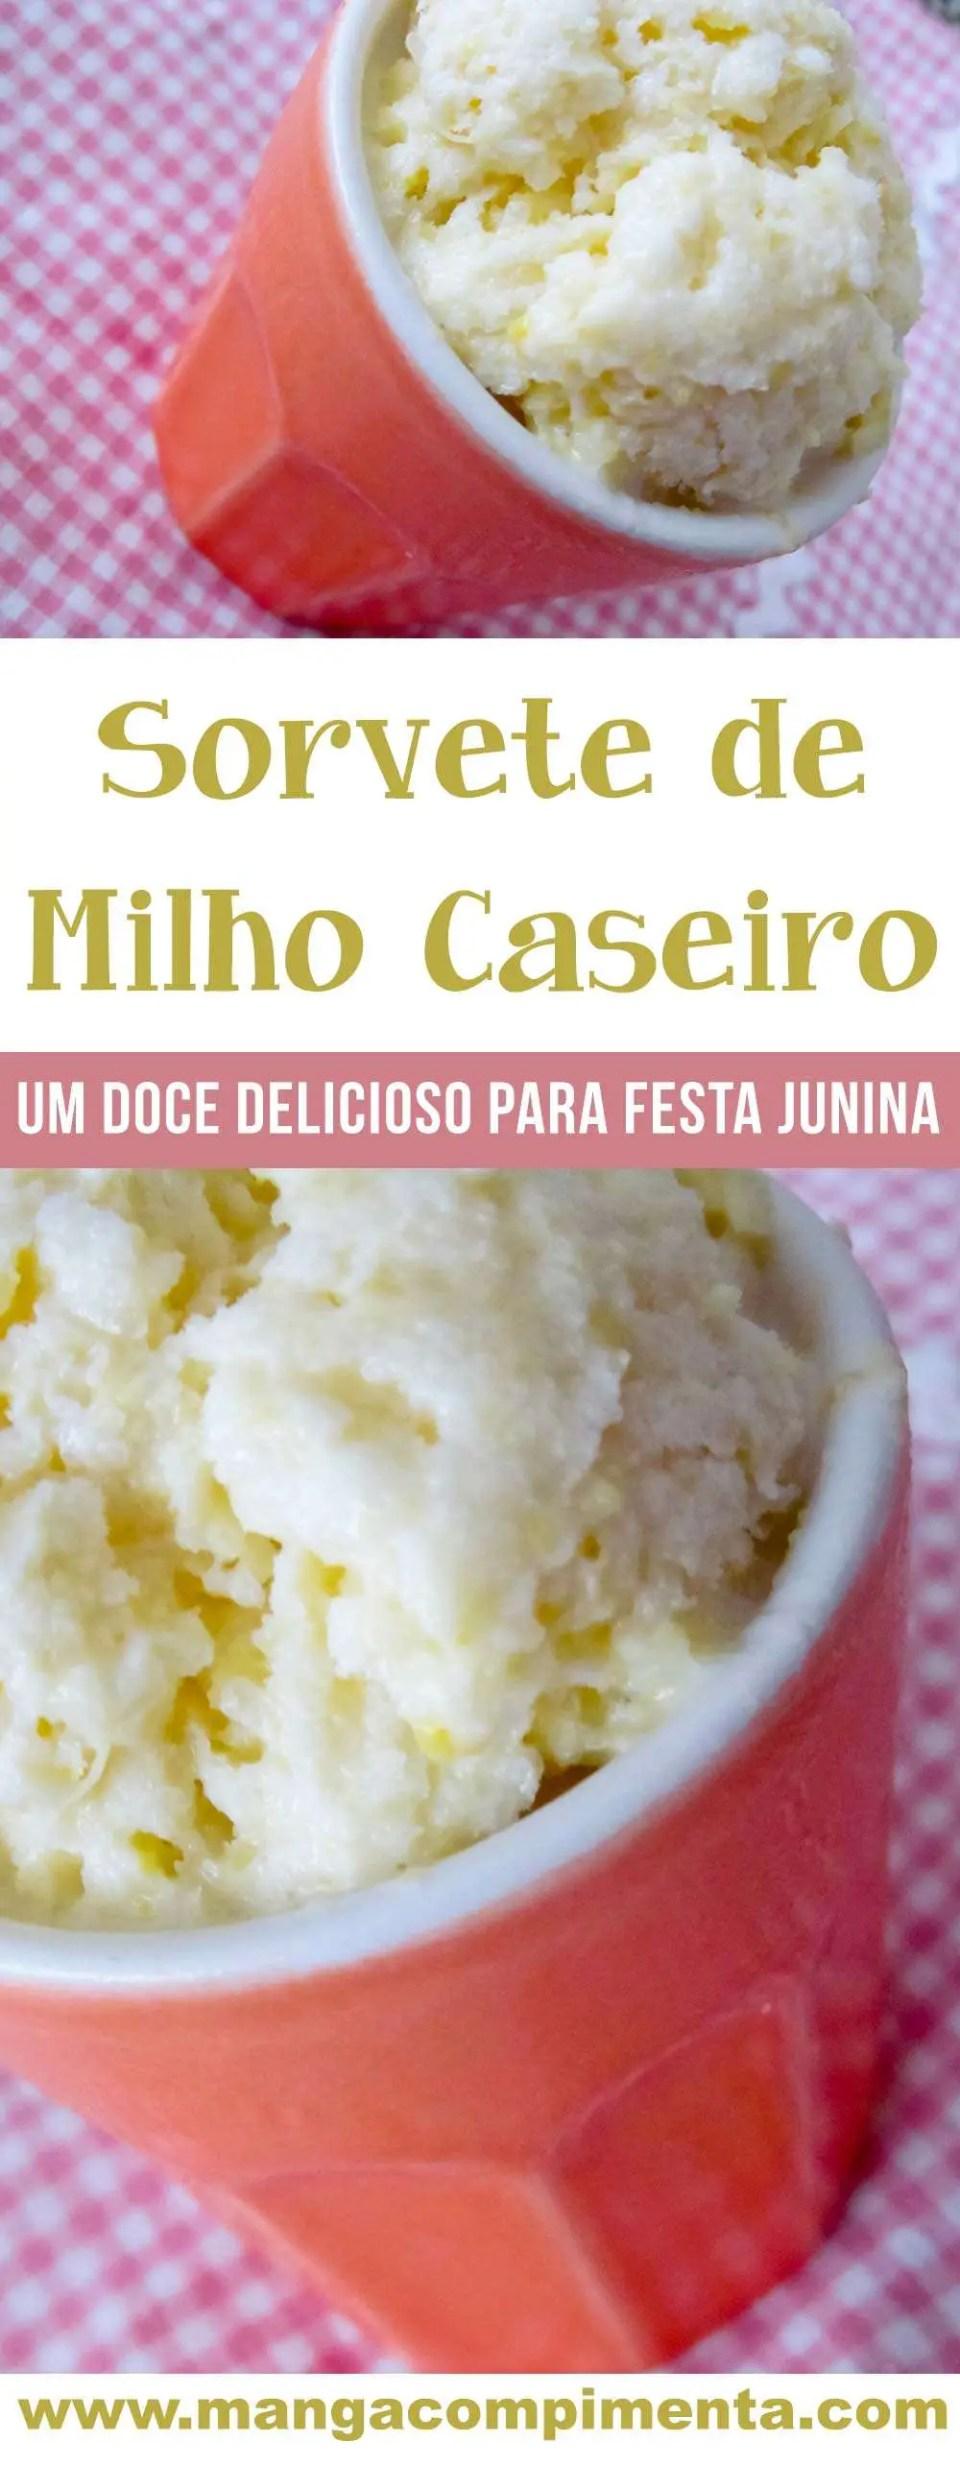 Sorvete de Milho Caseiro | Um delicioso doce gelado para a Festa Junina!